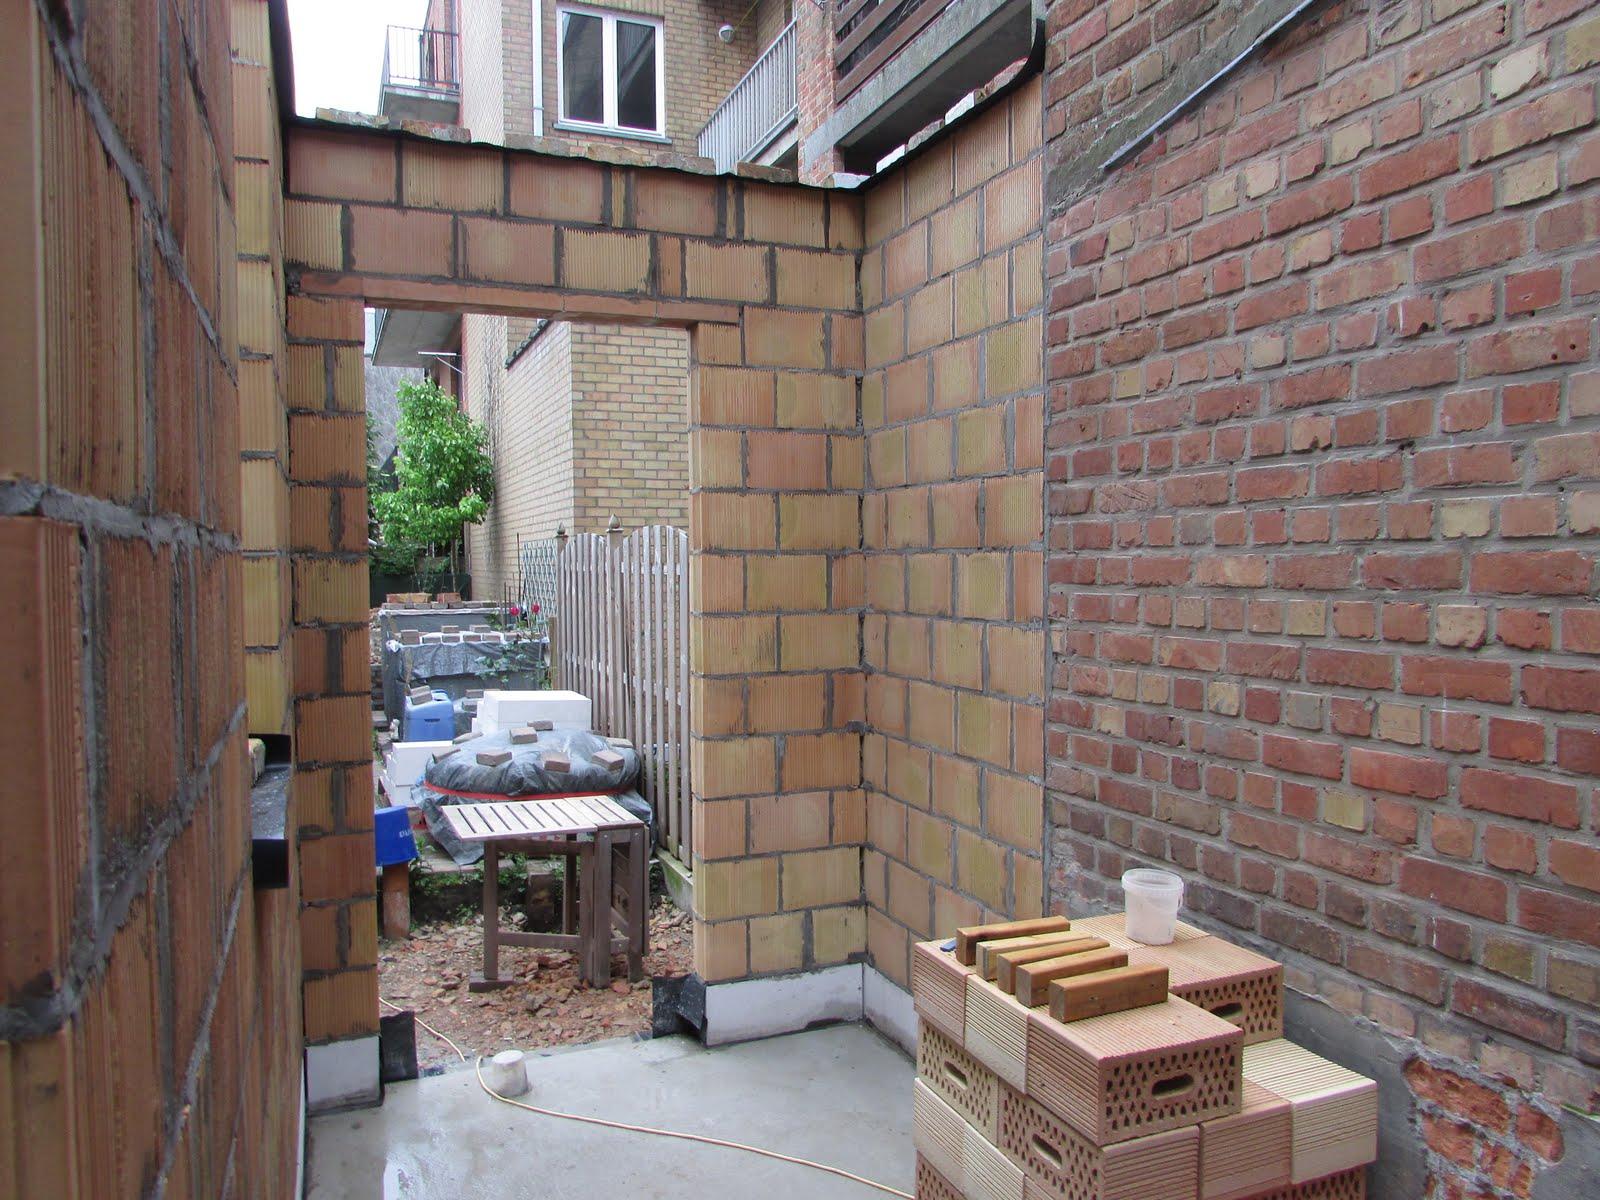 Verbouwing van ons ouderlijk huis ruwbouw uitbreiding 9 - Uitbreiding stenen huis ...